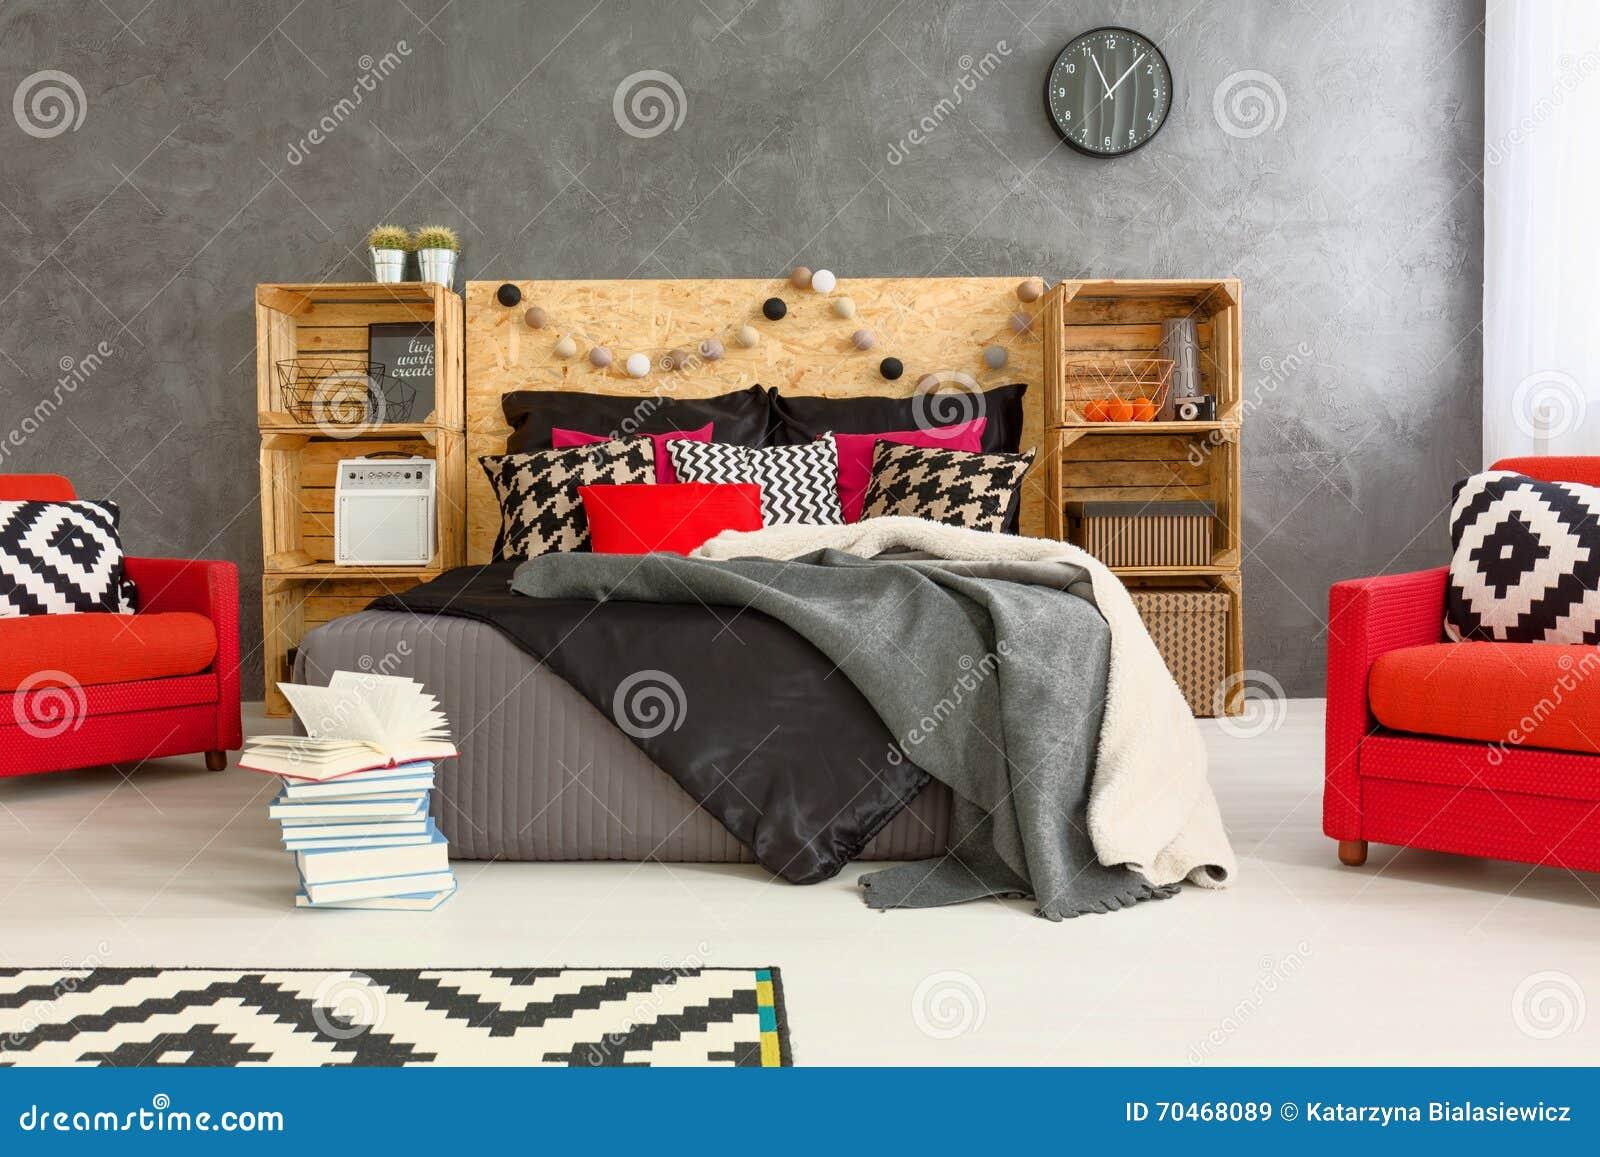 Schlafzimmer In Der Kreativen Art Mit Diy Mobeln Stockbild Bild